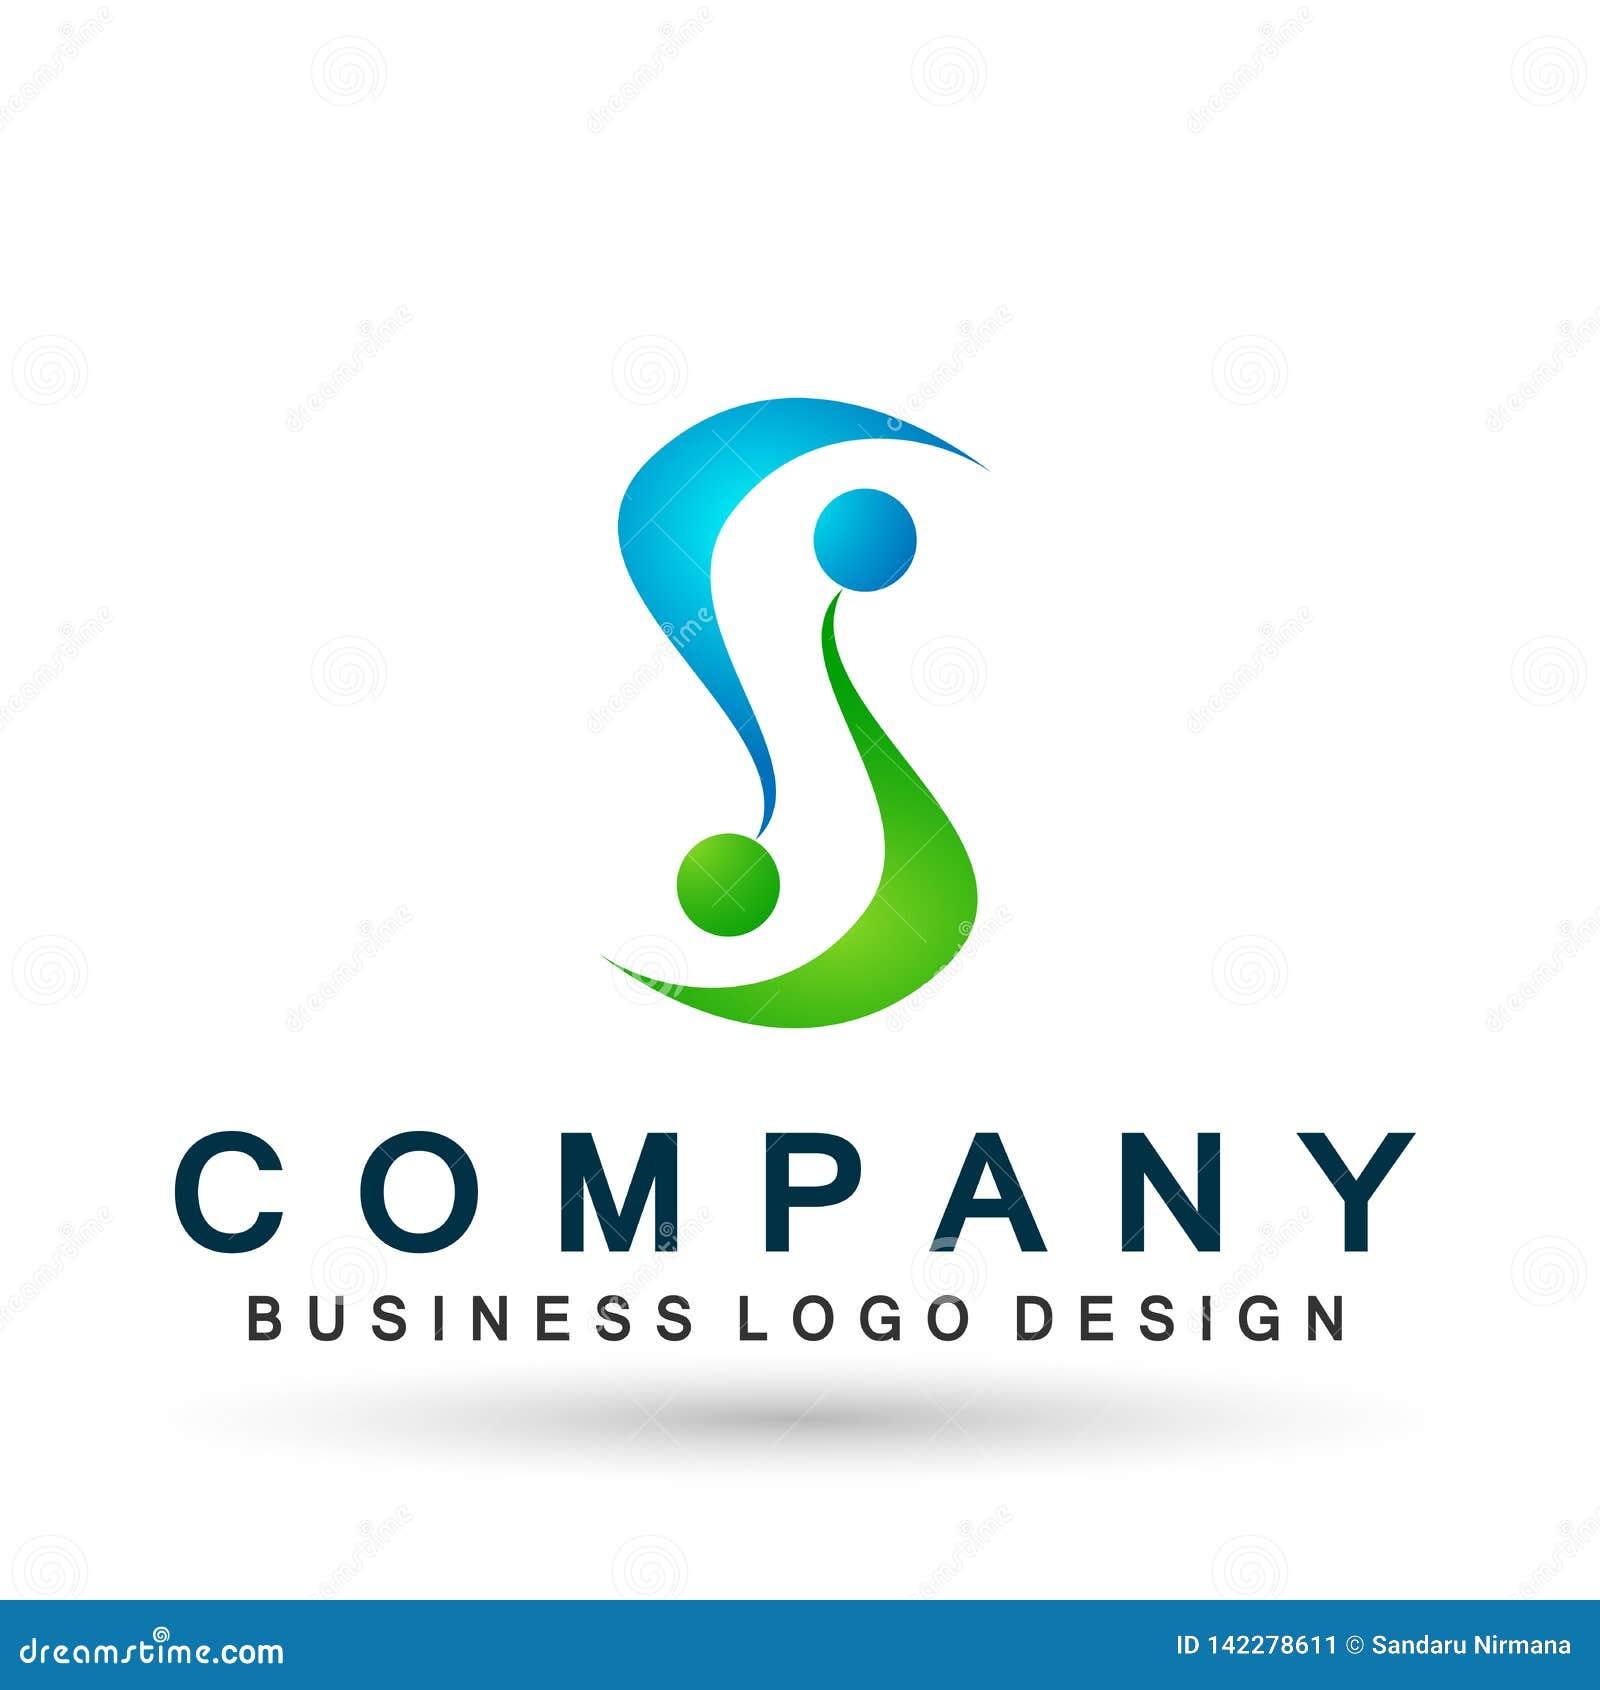 Logotipo abstracto de la celebración de la unión de la gente en logotipo acertado invertido corporativo del negocio Icono del con